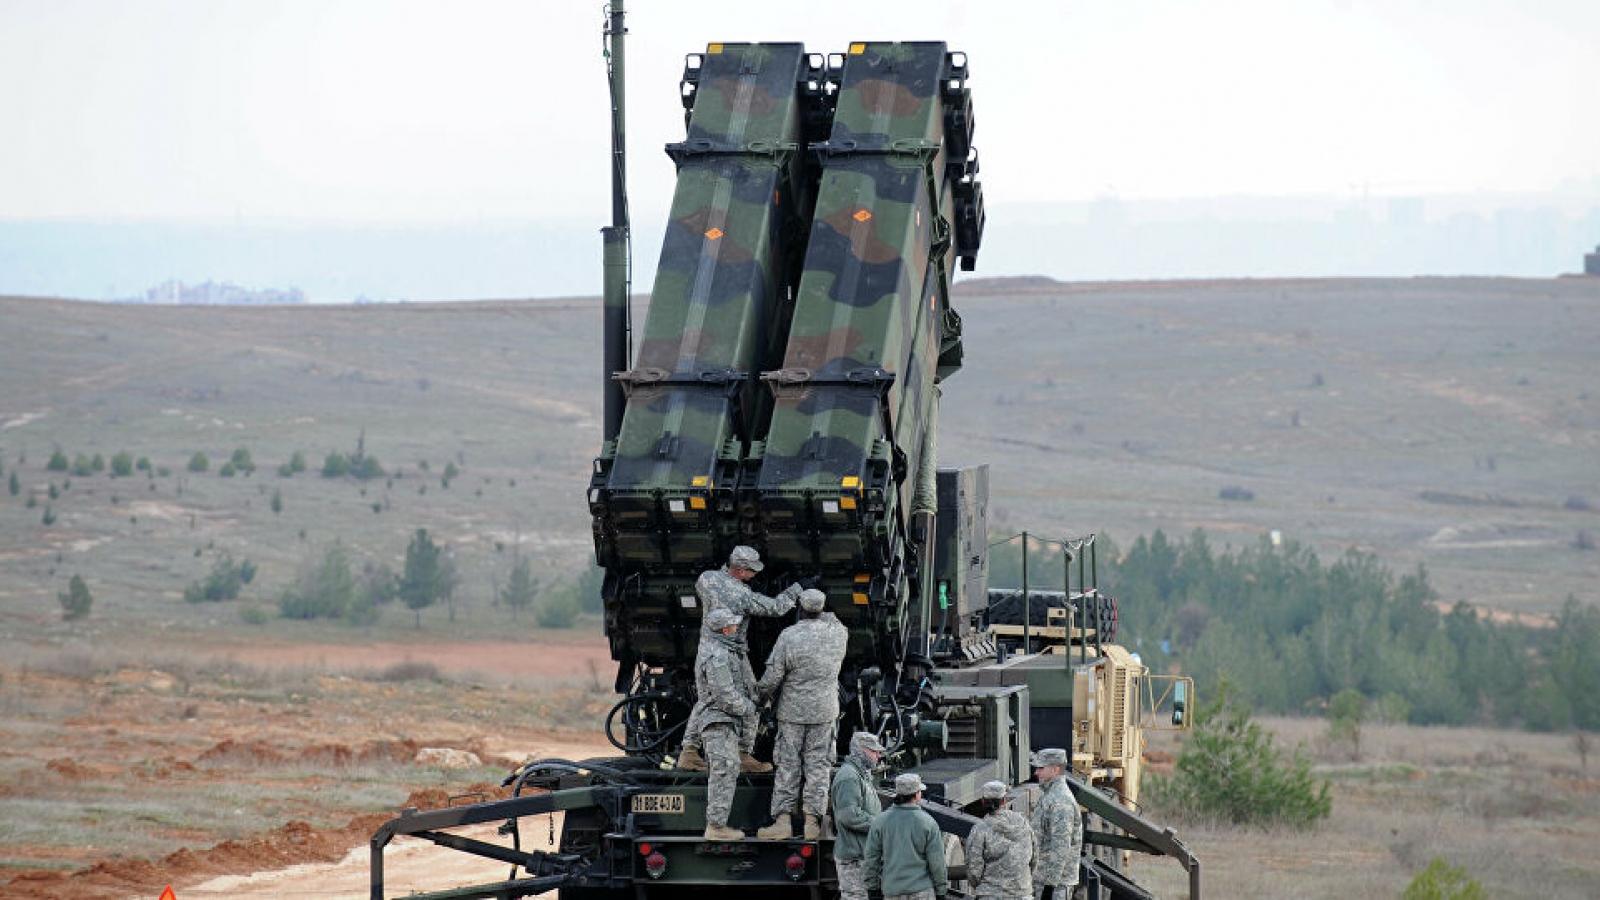 Căng thẳng với Iran hạ nhiệt, Mỹ rút tổ hợp Patriot khỏi Trung Đông?